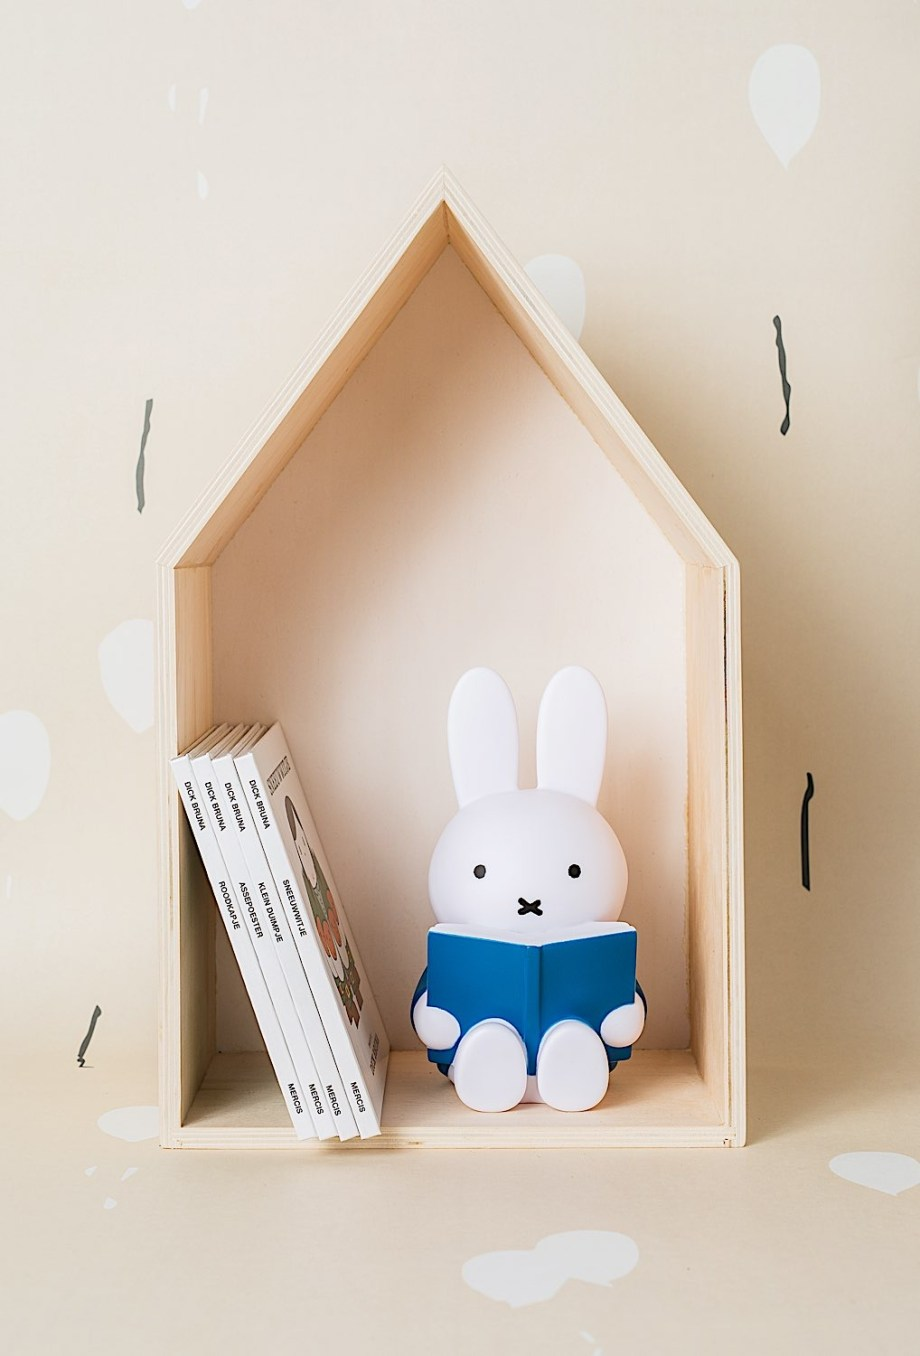 Tirelire lapin Miffy livre - Atelier Pierre junior - Cette tirelire 'Miffy Livre', est idéale pour glisser les premières pièces de votre enfant. De plus, elle est le parfait objet de décoration.